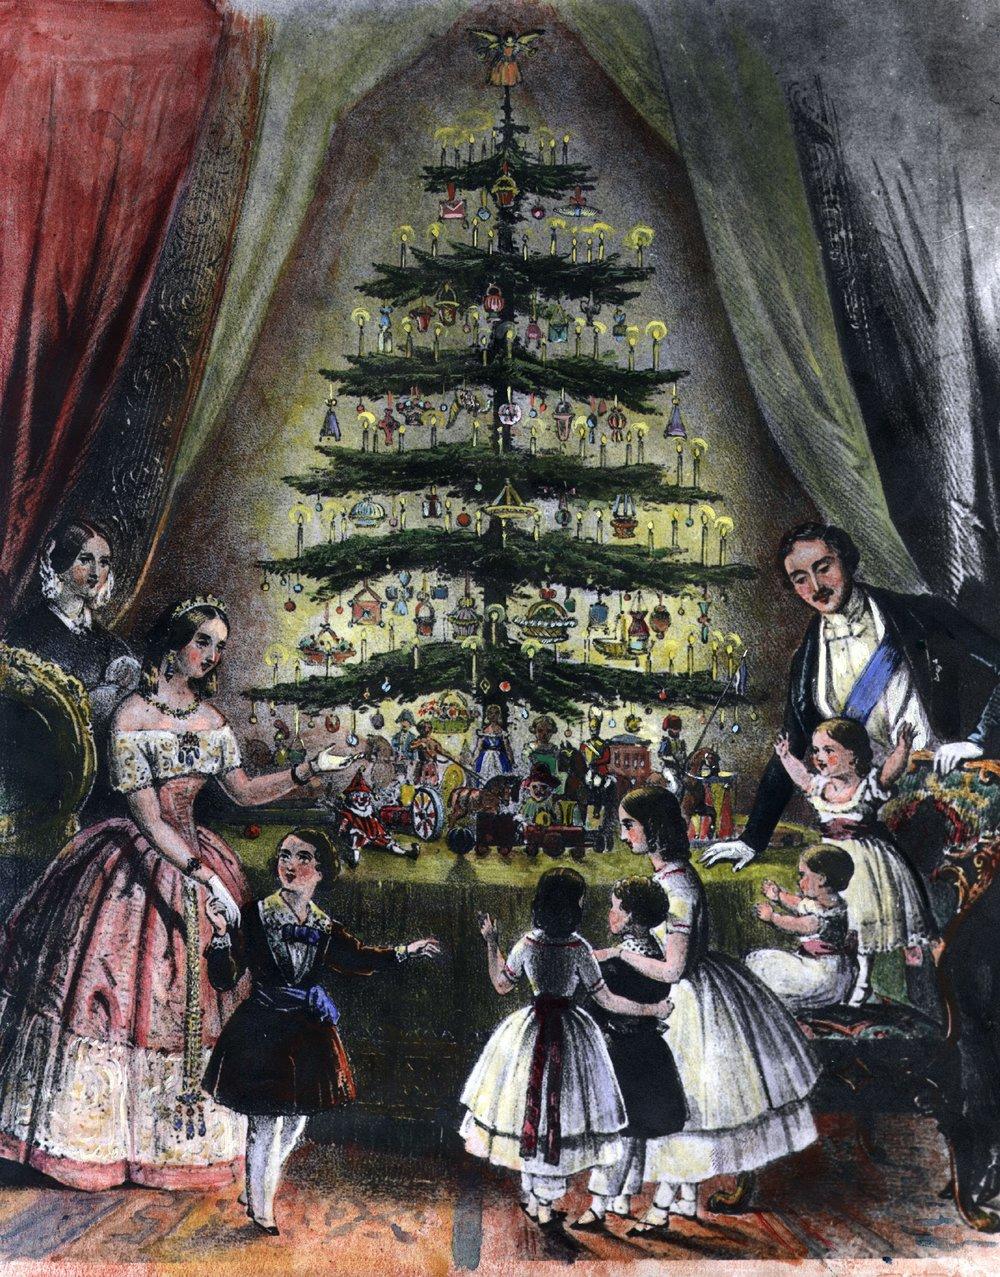 Christmas-tree-1848-56a486a85f9b58b7d0d76b54.jpg